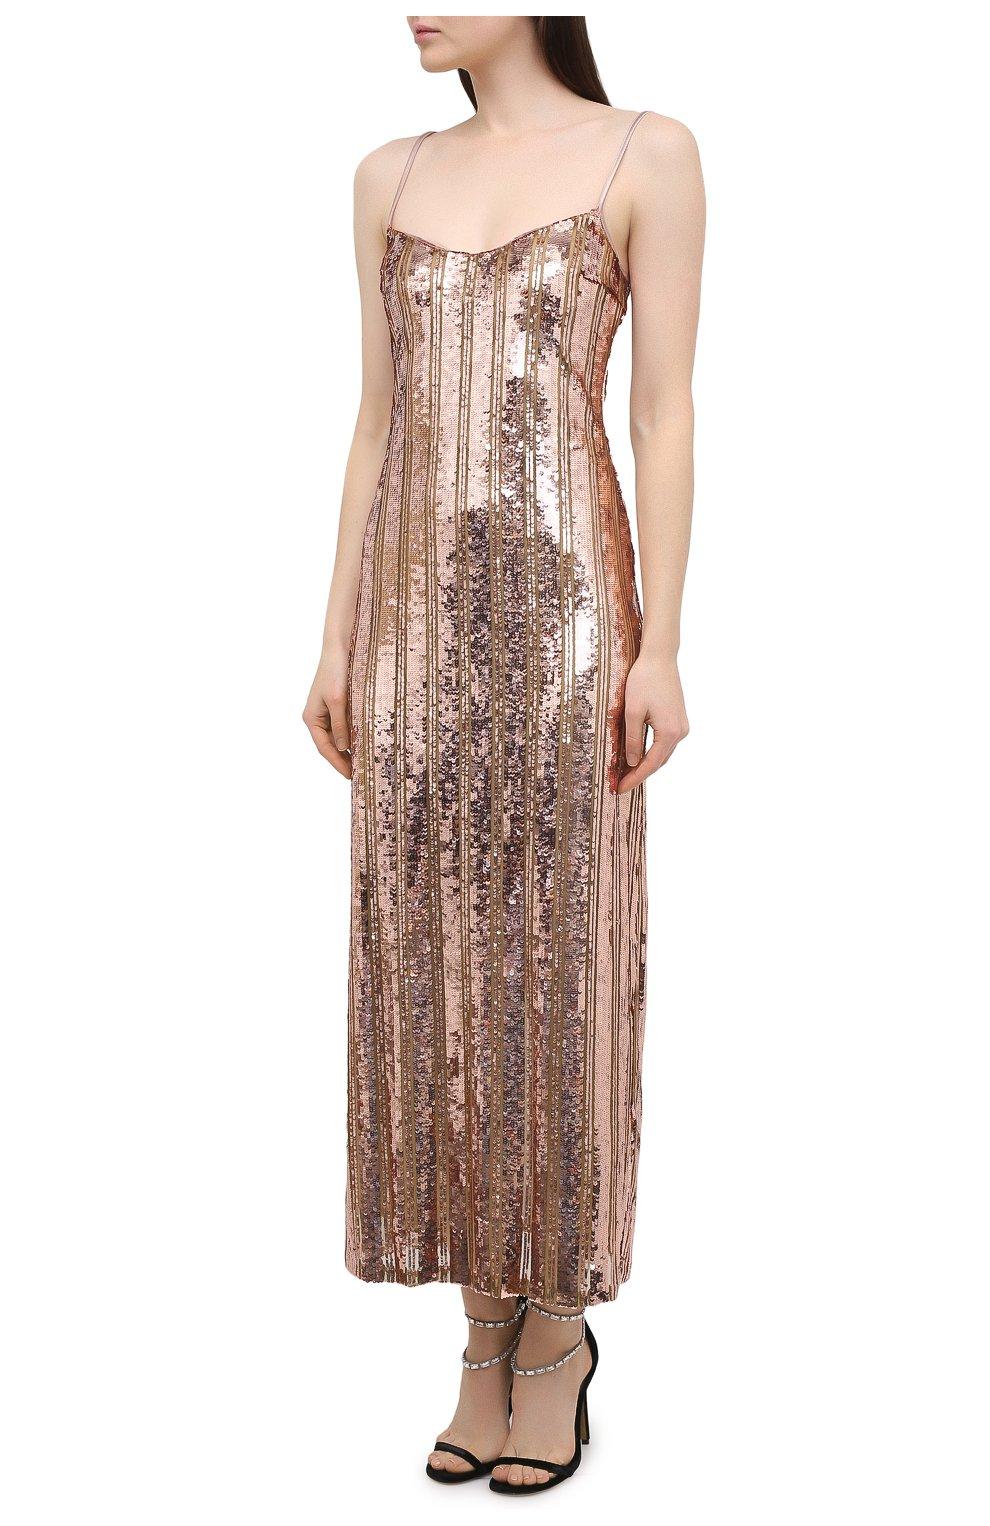 Женское платье с пайетками GALVAN LONDON золотого цвета, арт. CD1067 STRIPE MIRR0R SEQUIN   Фото 3